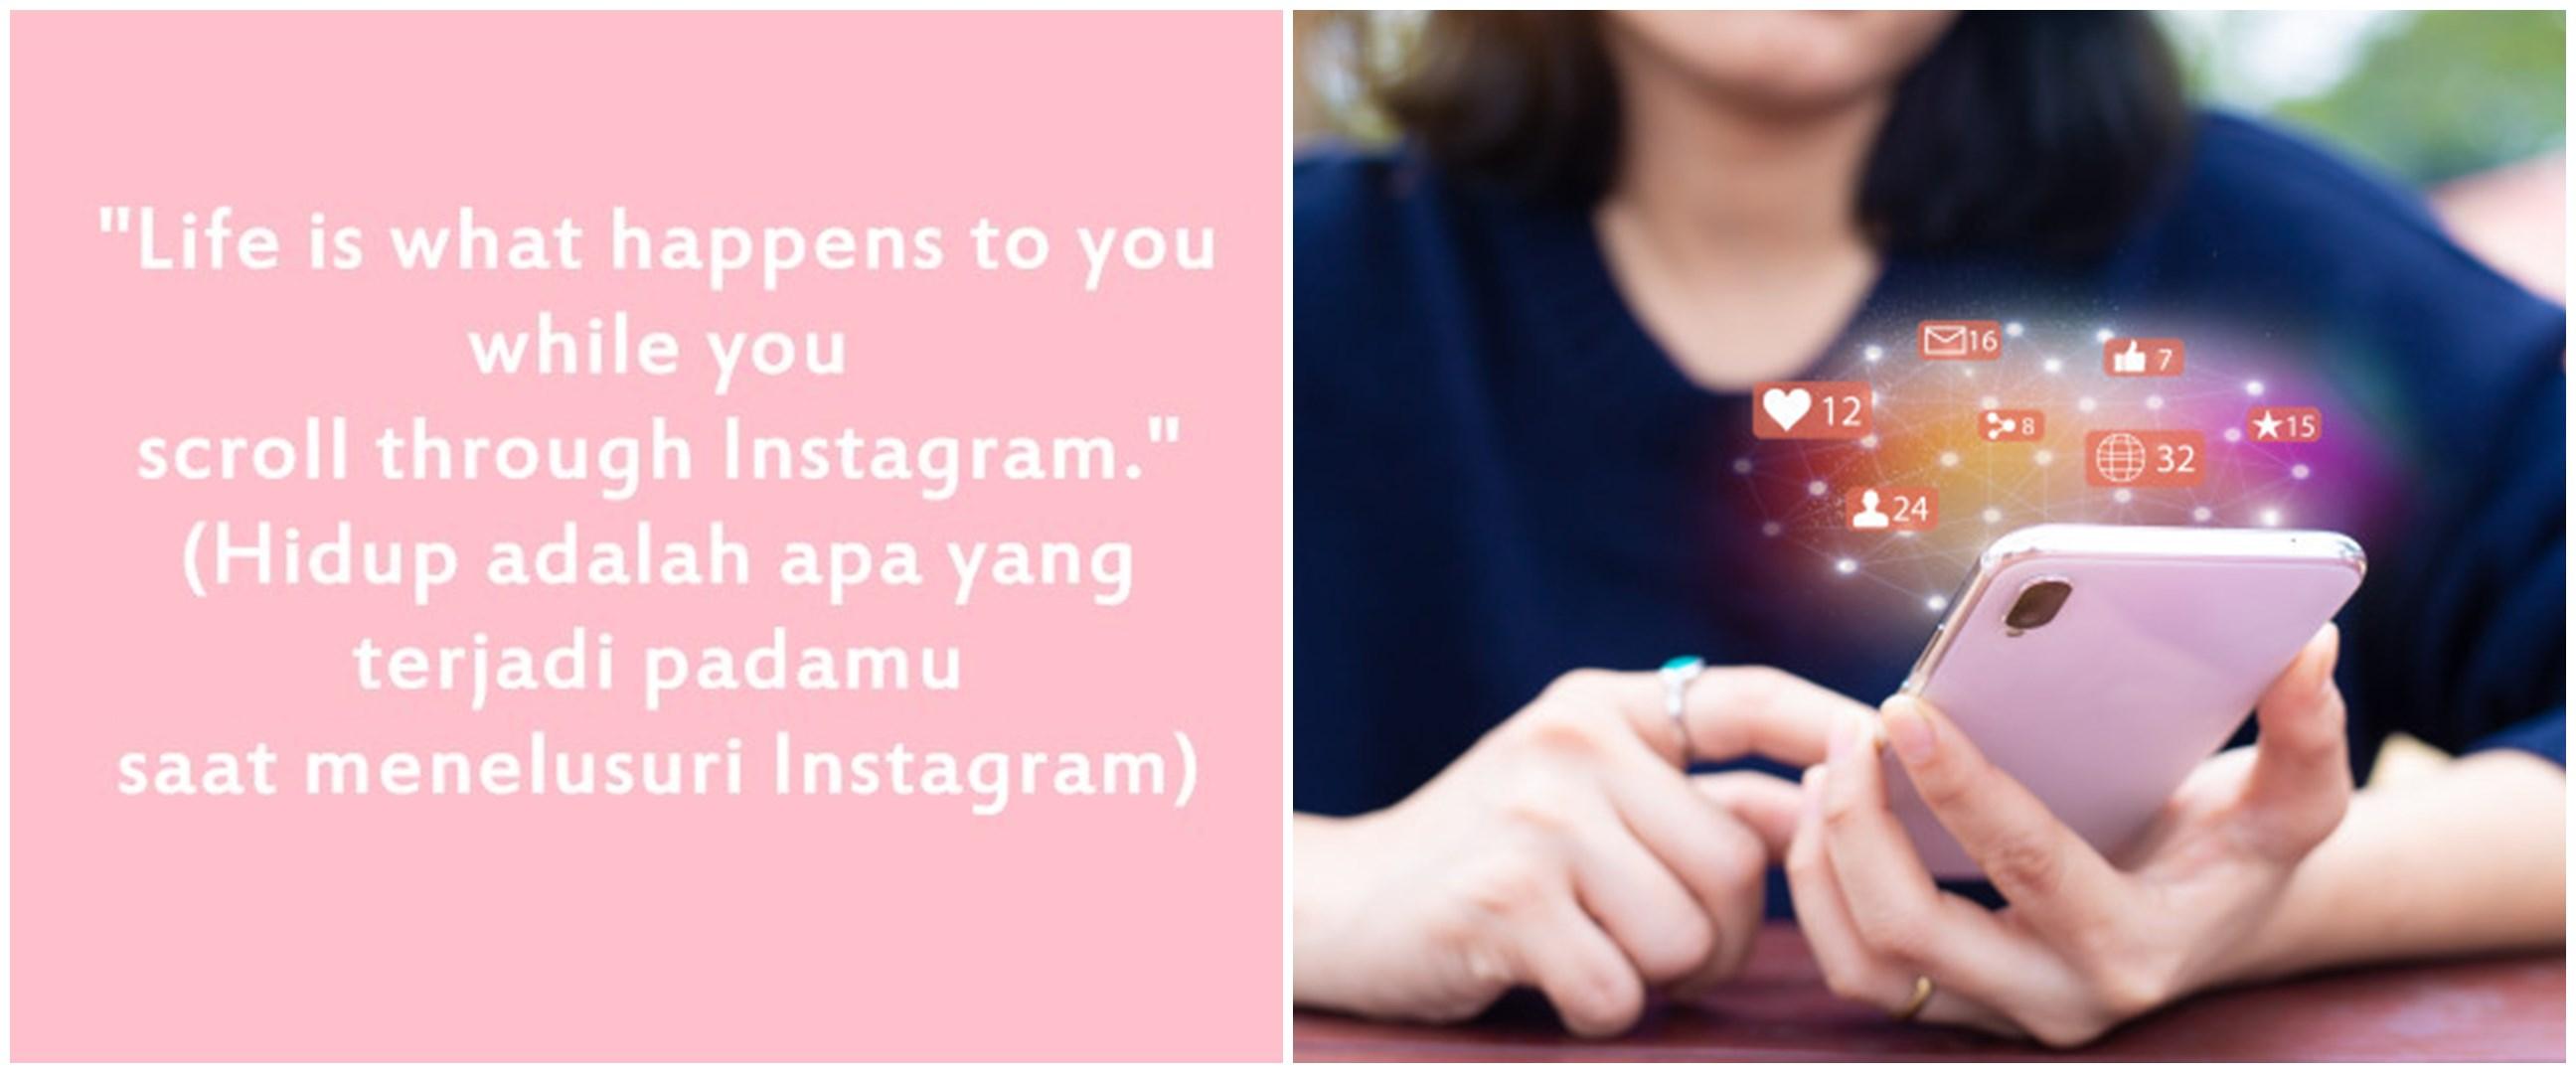 50 Kata-kata bio Instagram bahasa Inggris dan arti, keren & bermakna